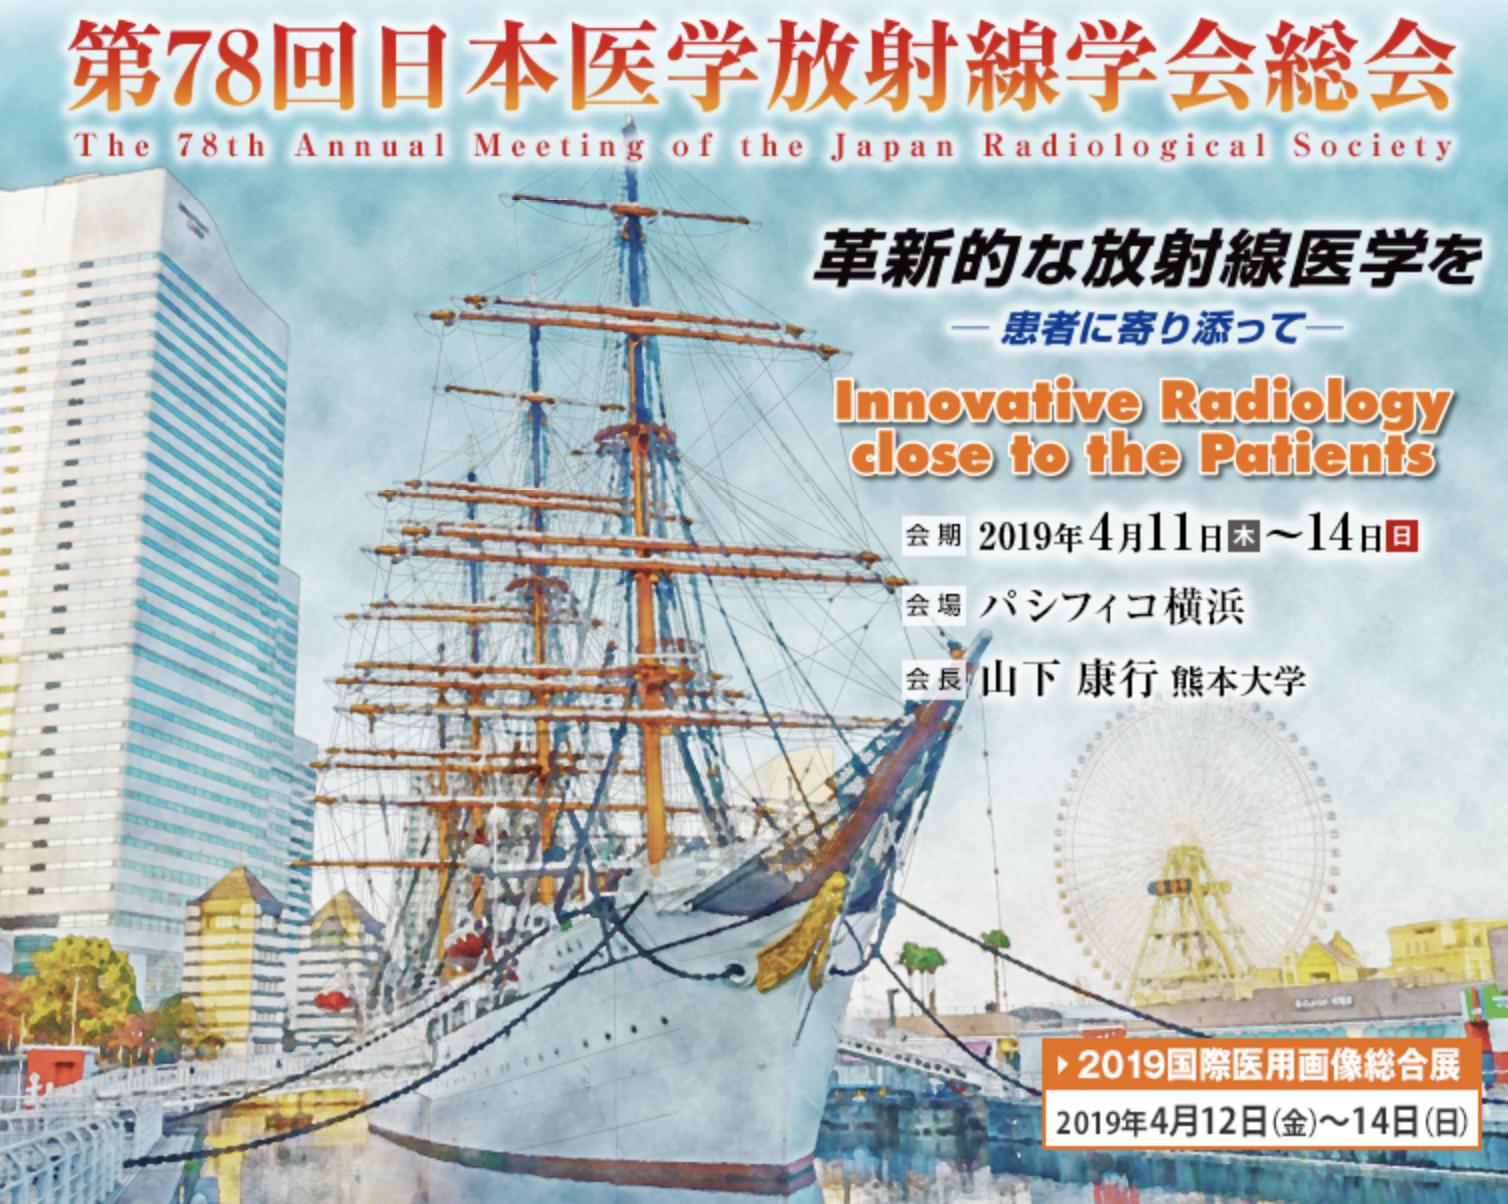 第78回日本医学放射線学会総会及び第74回日本放射線技術学会総会学術大会で発表します。